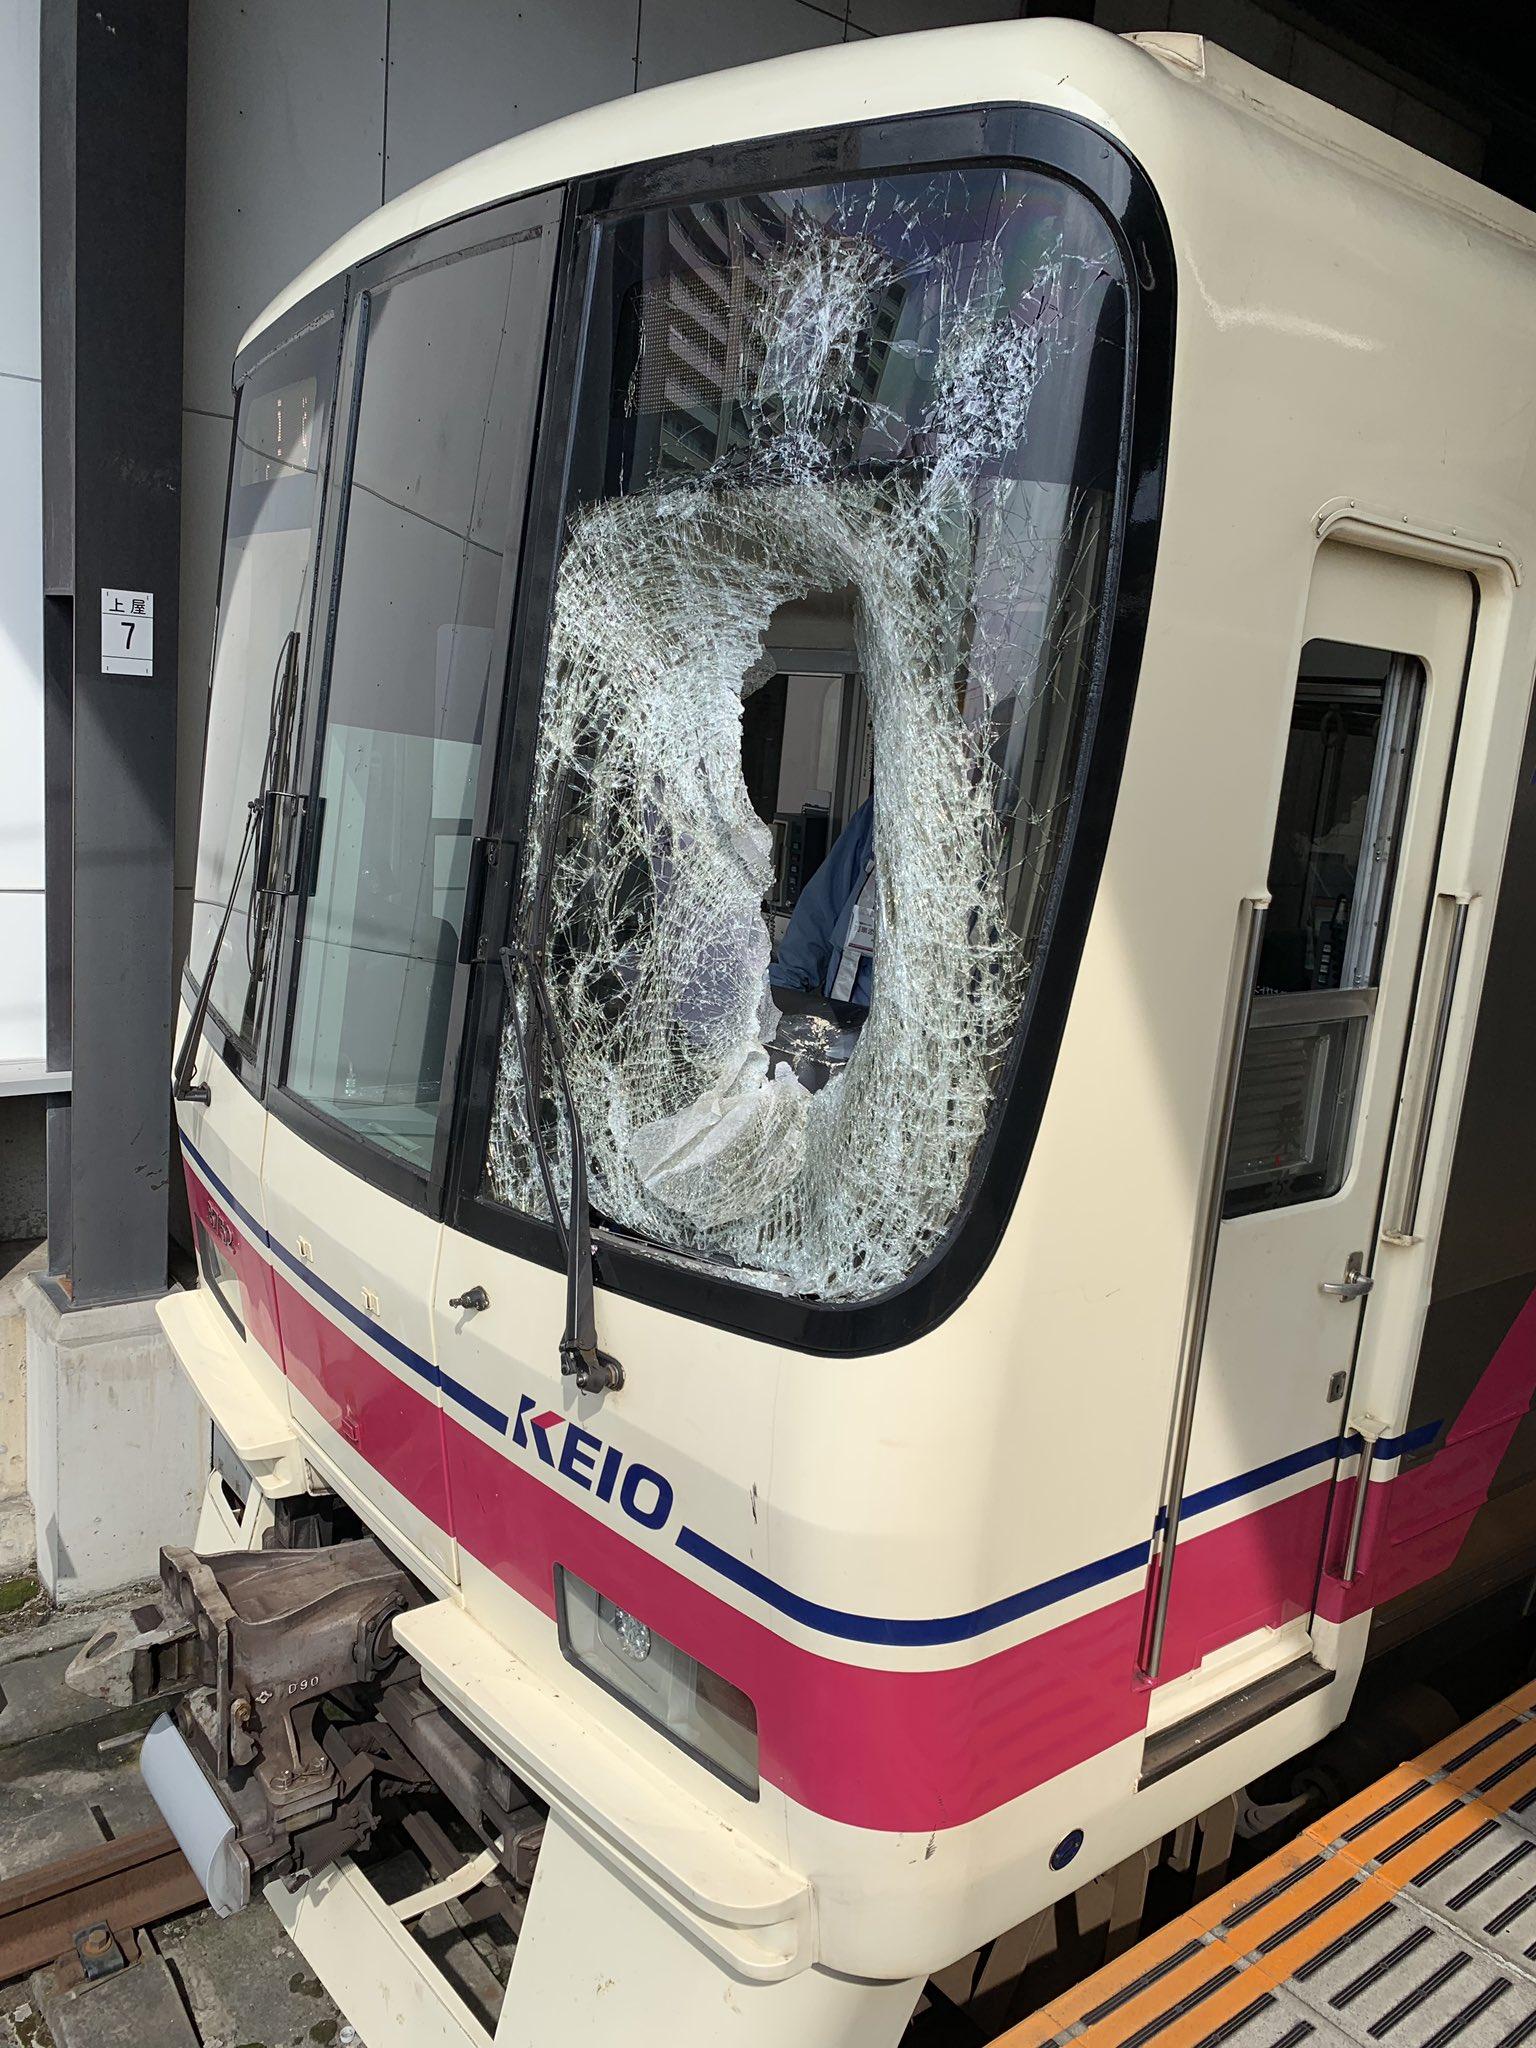 多摩境駅の飛び込み自殺の人身事故でフロントガラスが大破している画像